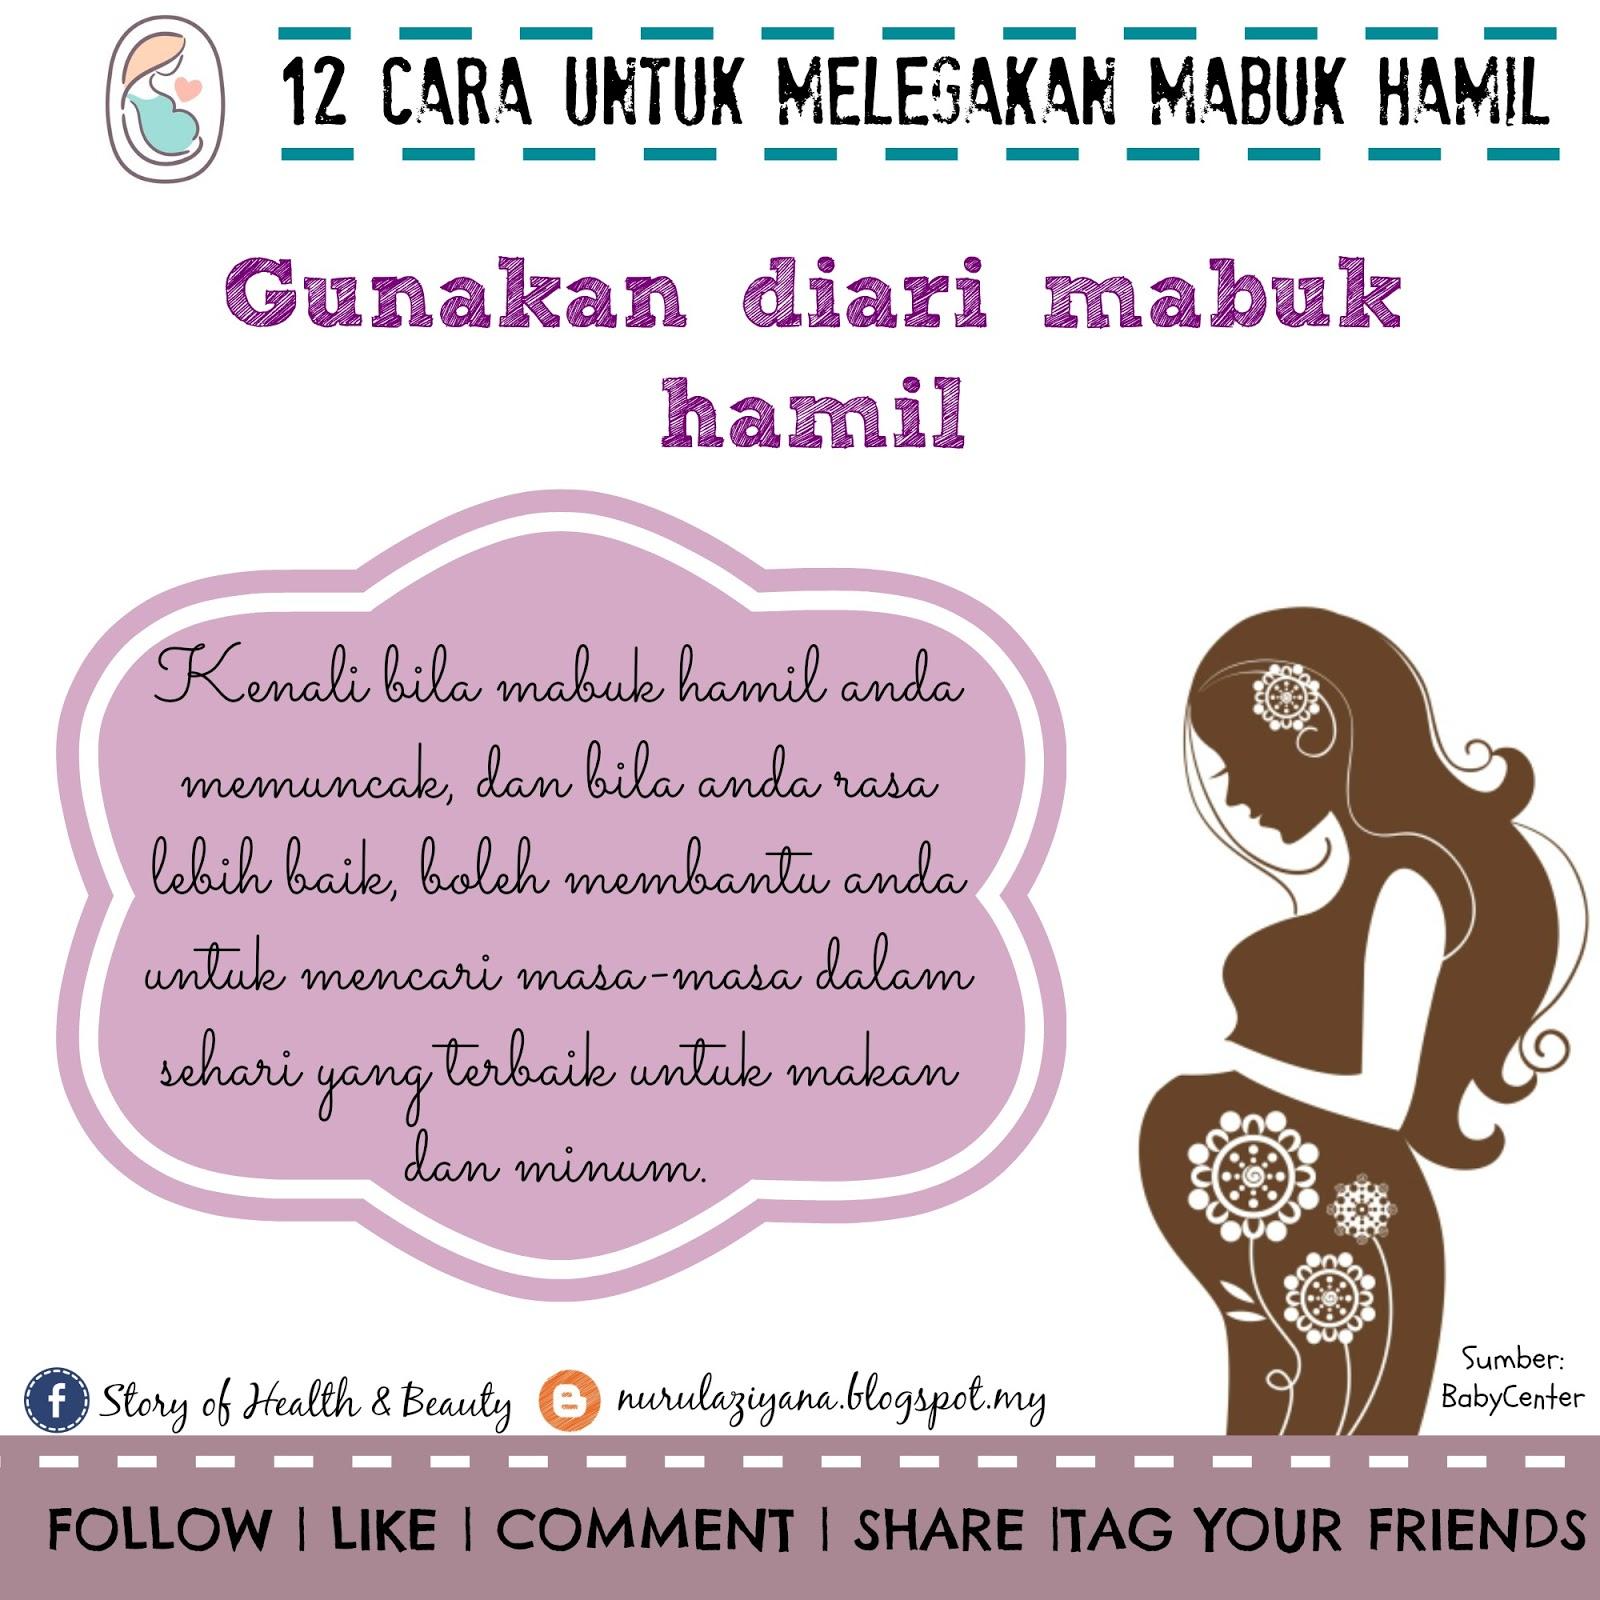 Cara makan clomid untuk hamil